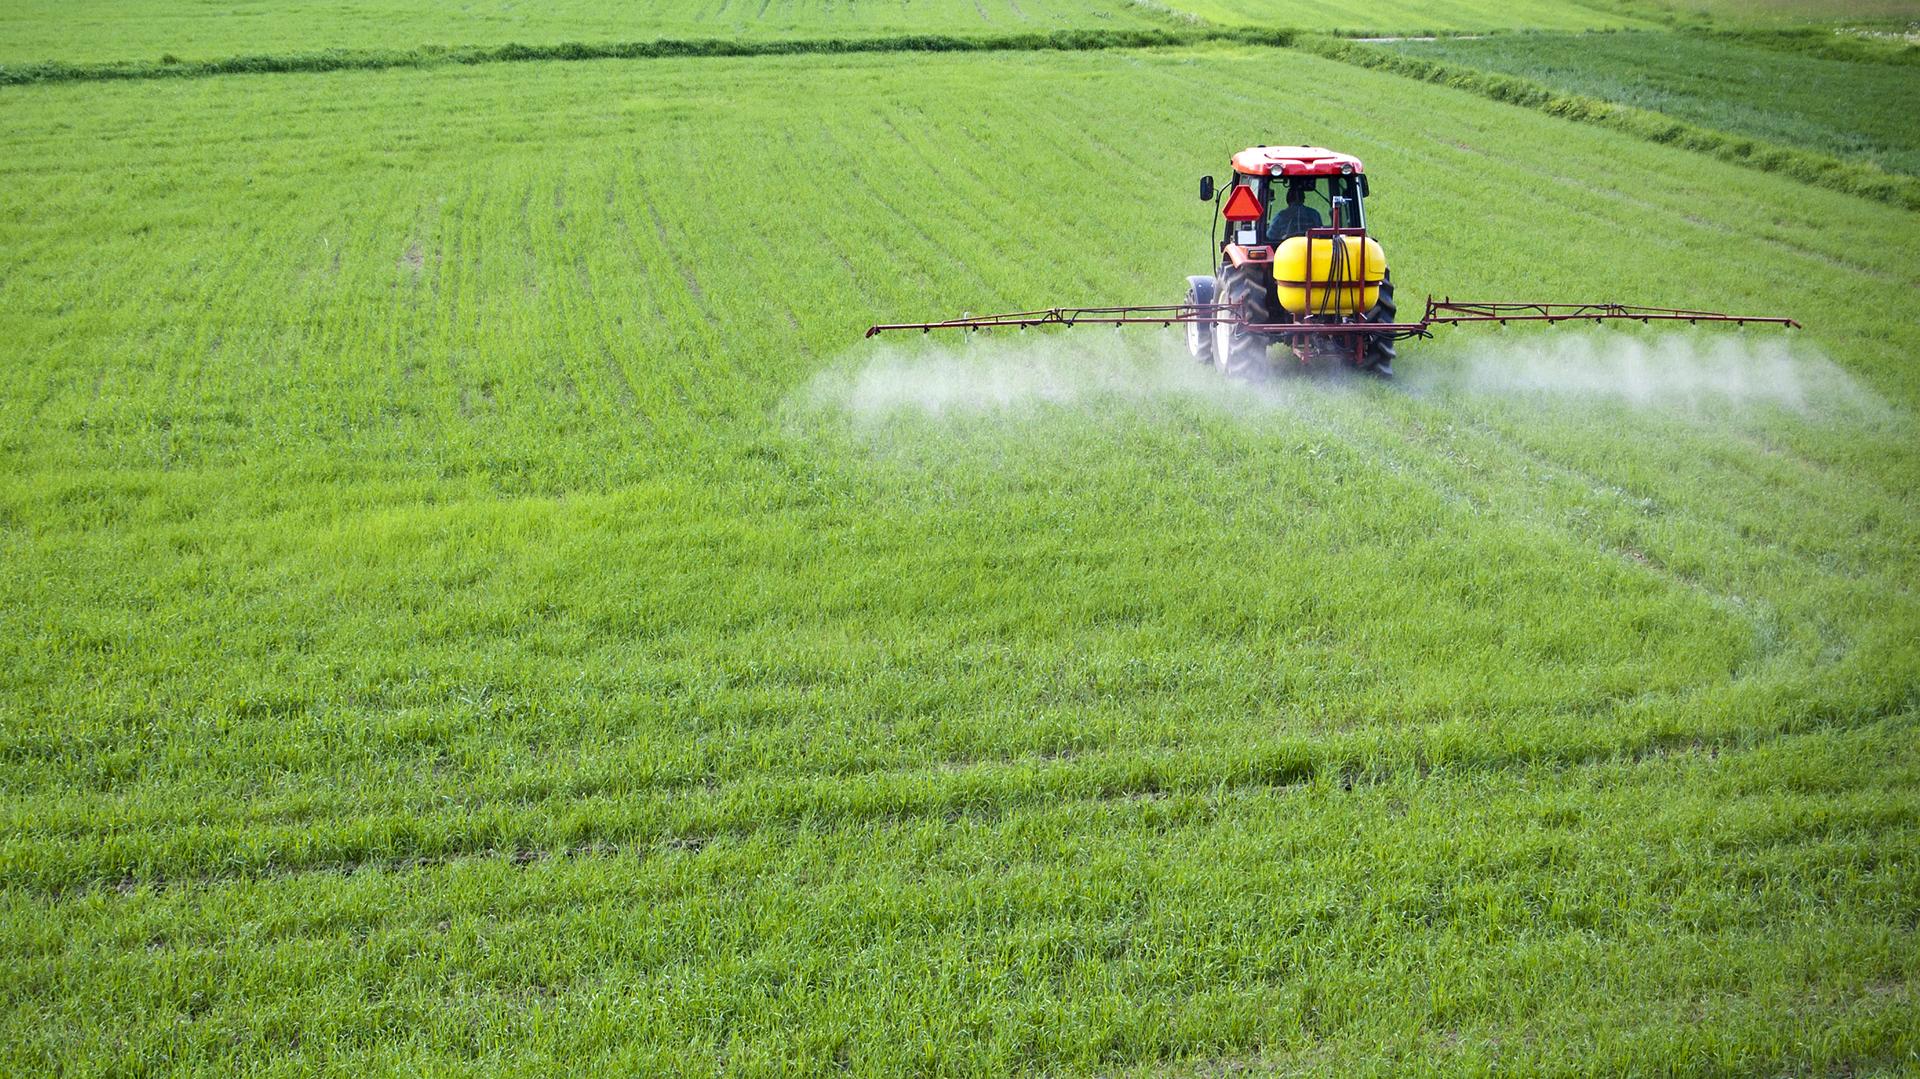 Una producción eficiente tiene que ser sustentable y esto tiene que ver con una buena utilización del recurso suelo, aplicación de fertilizantes y de agua